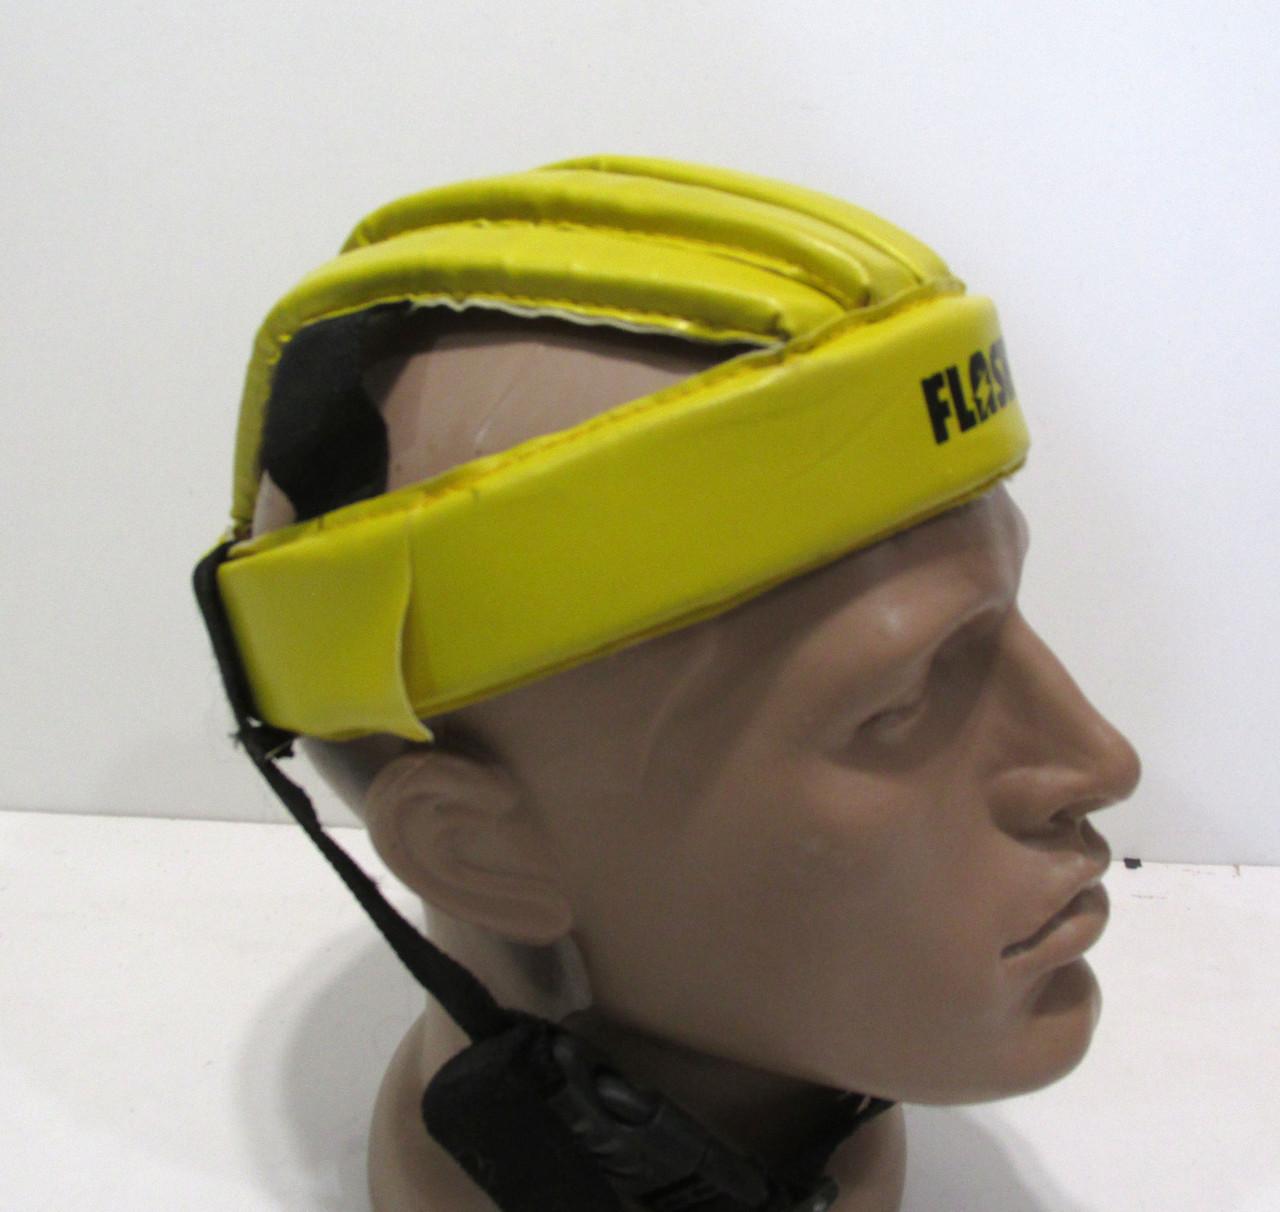 Вело шлем мягкий, FLASH, 53-54,  желтый, Хор сост!